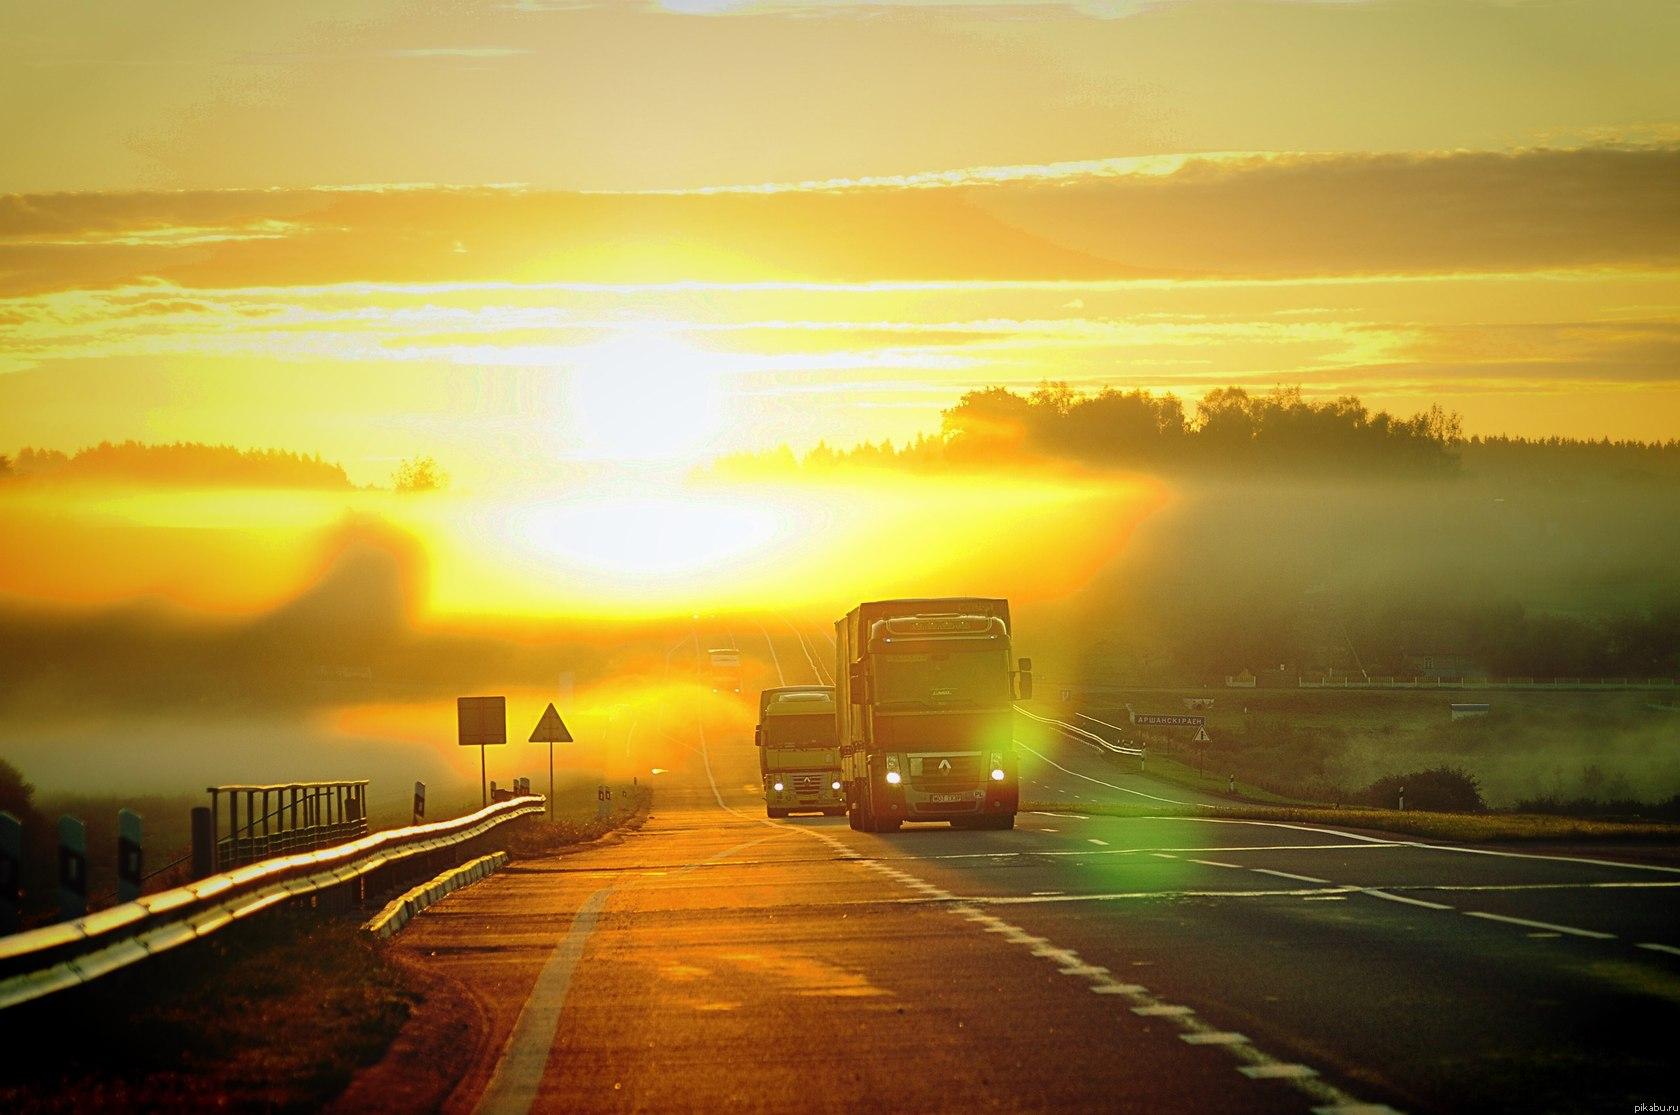 Открытки, картинки для дальнобойщика с добрым утром